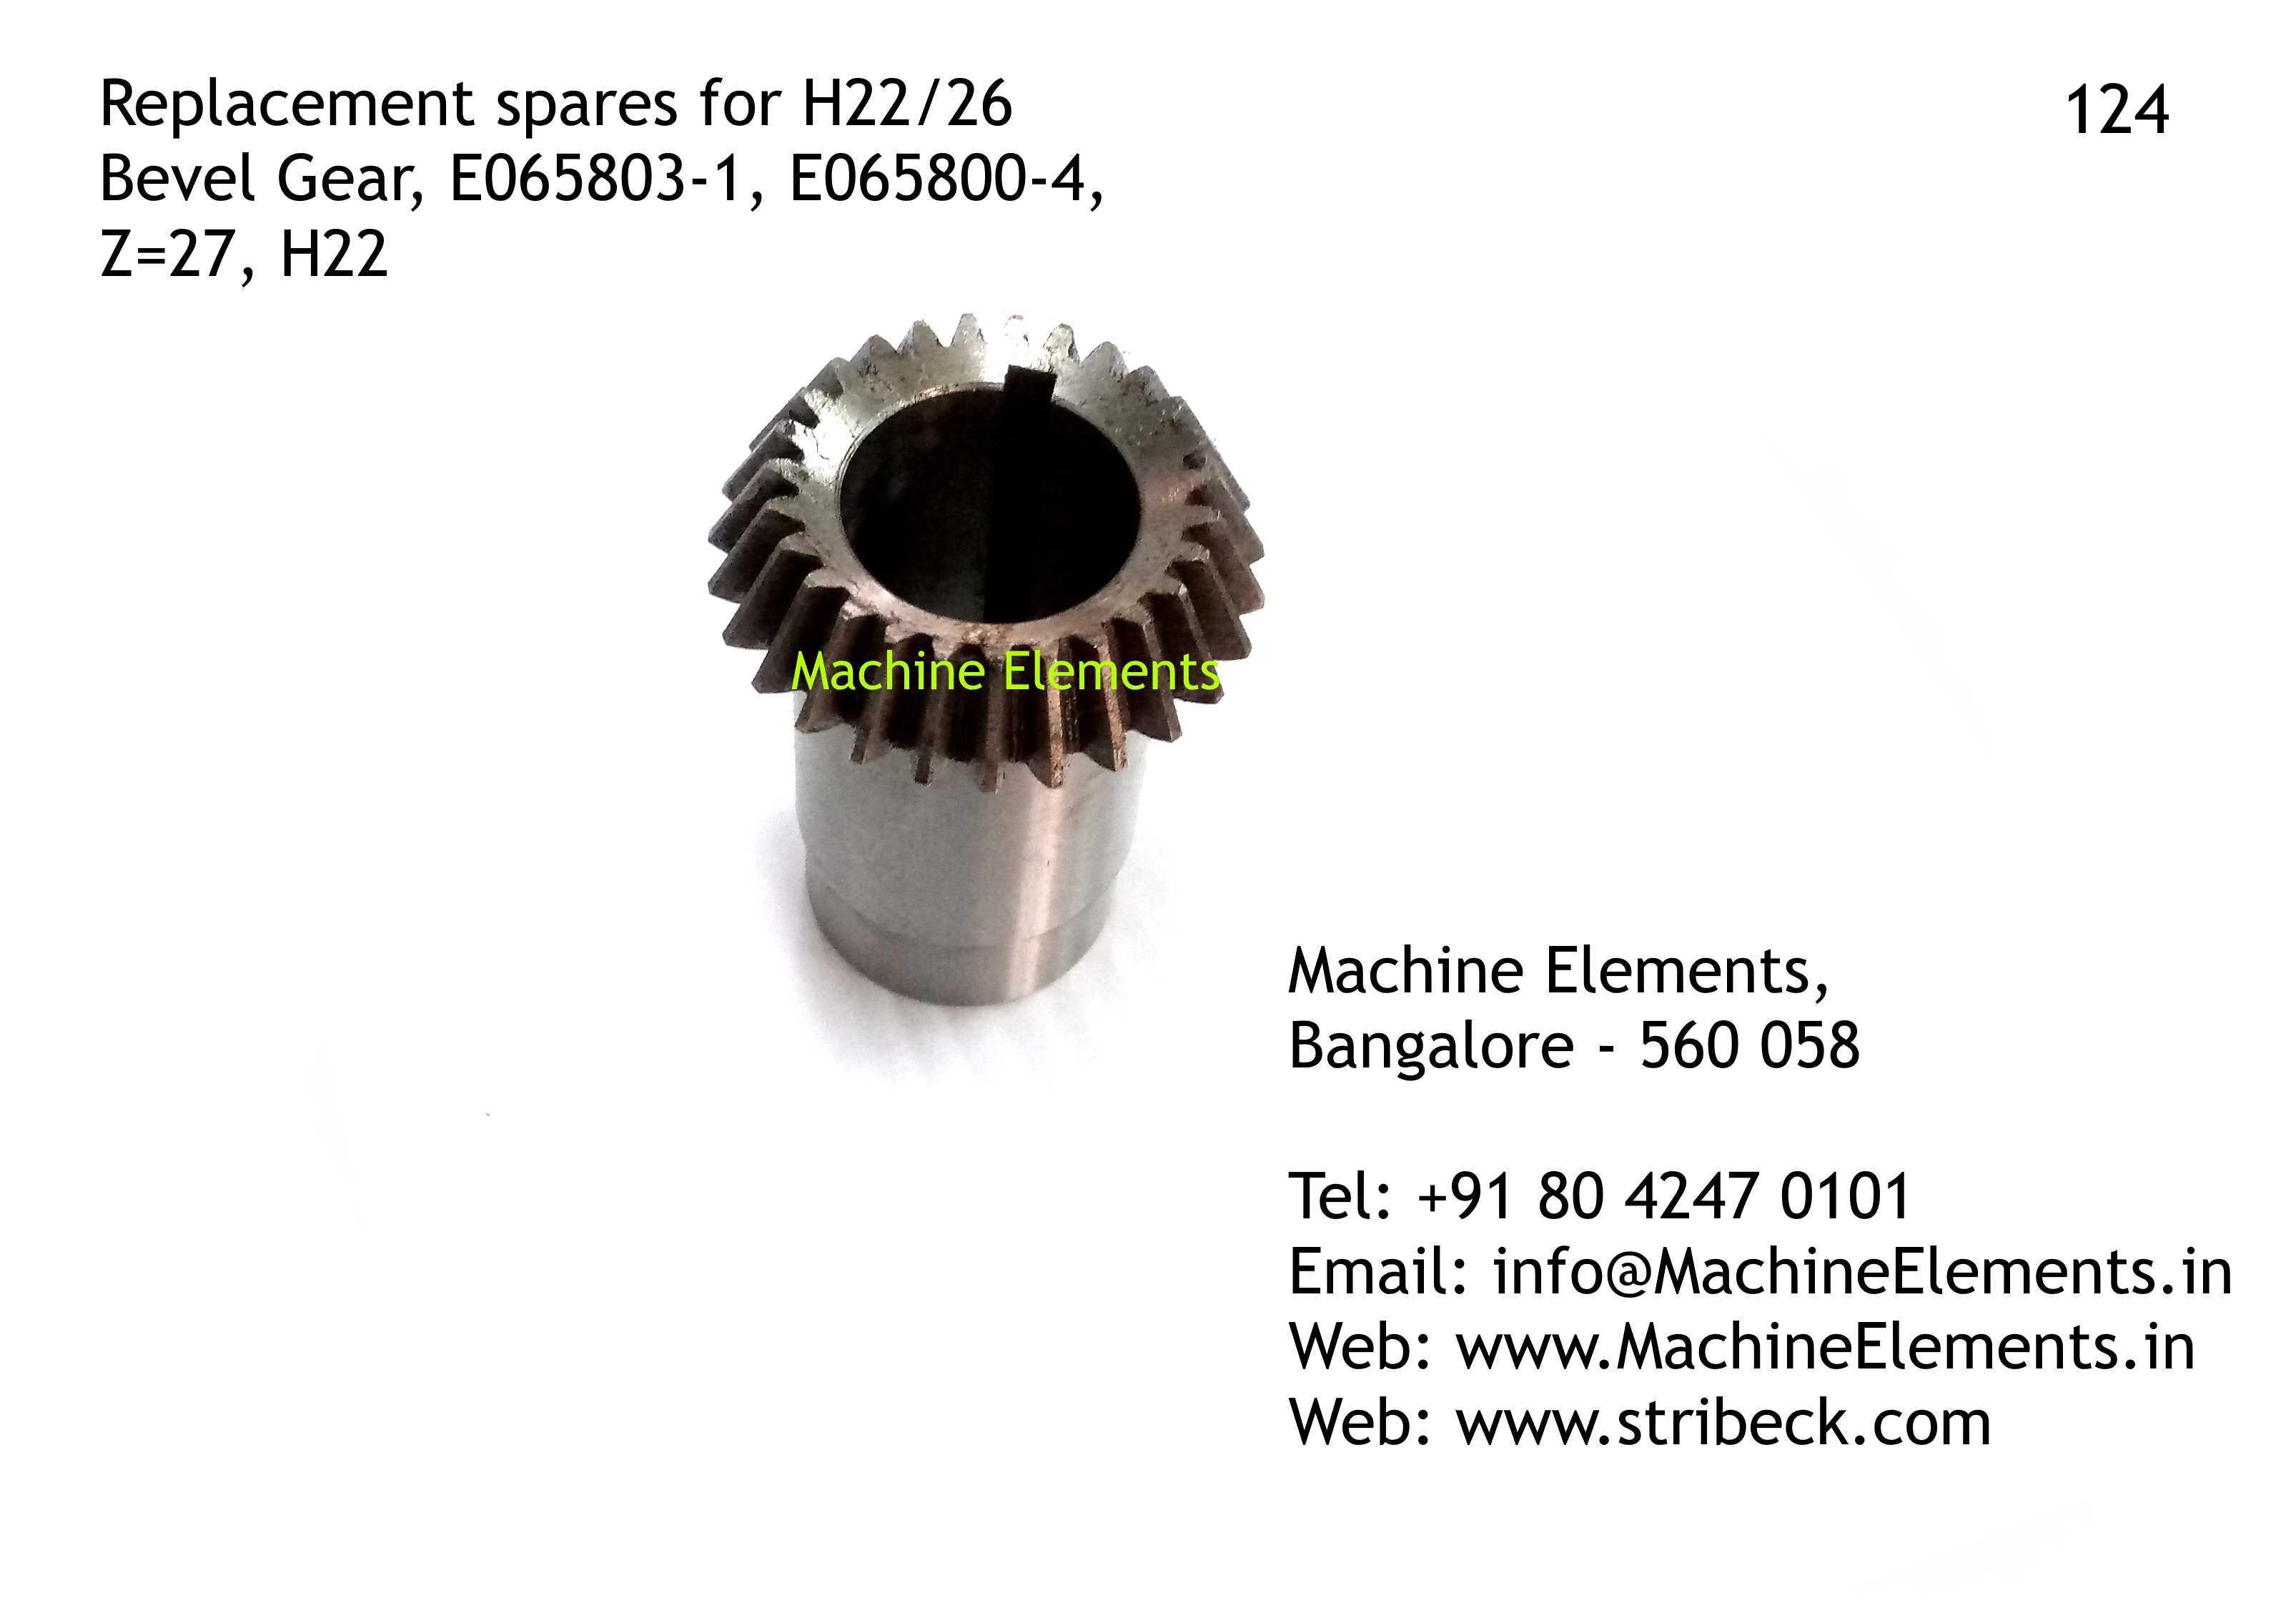 Bevel Gear, E065803-1, E065800-4, Z=27